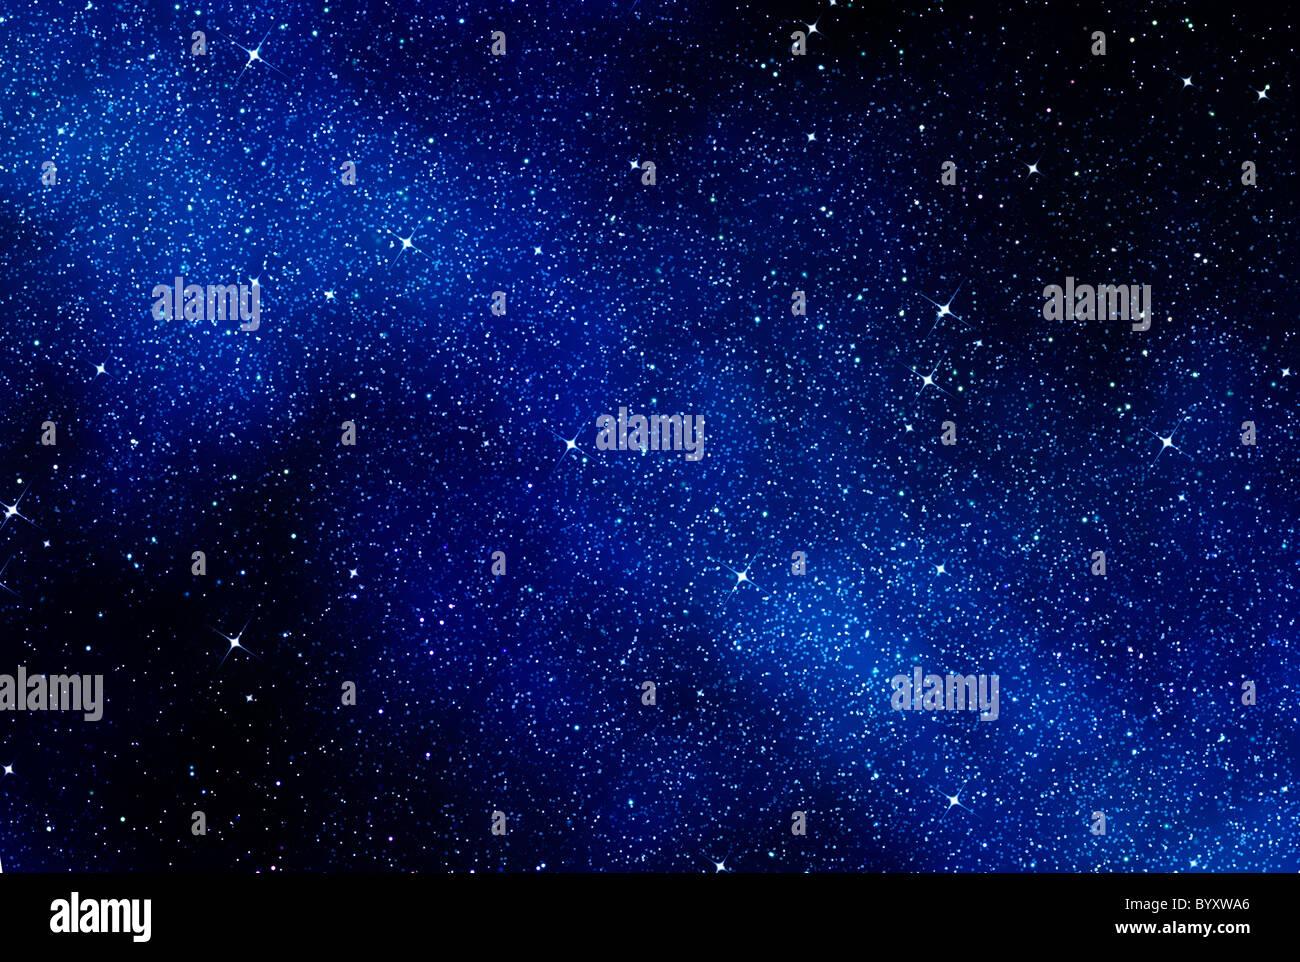 tolles Bild von Raum oder ein Sternenhimmel Stockbild